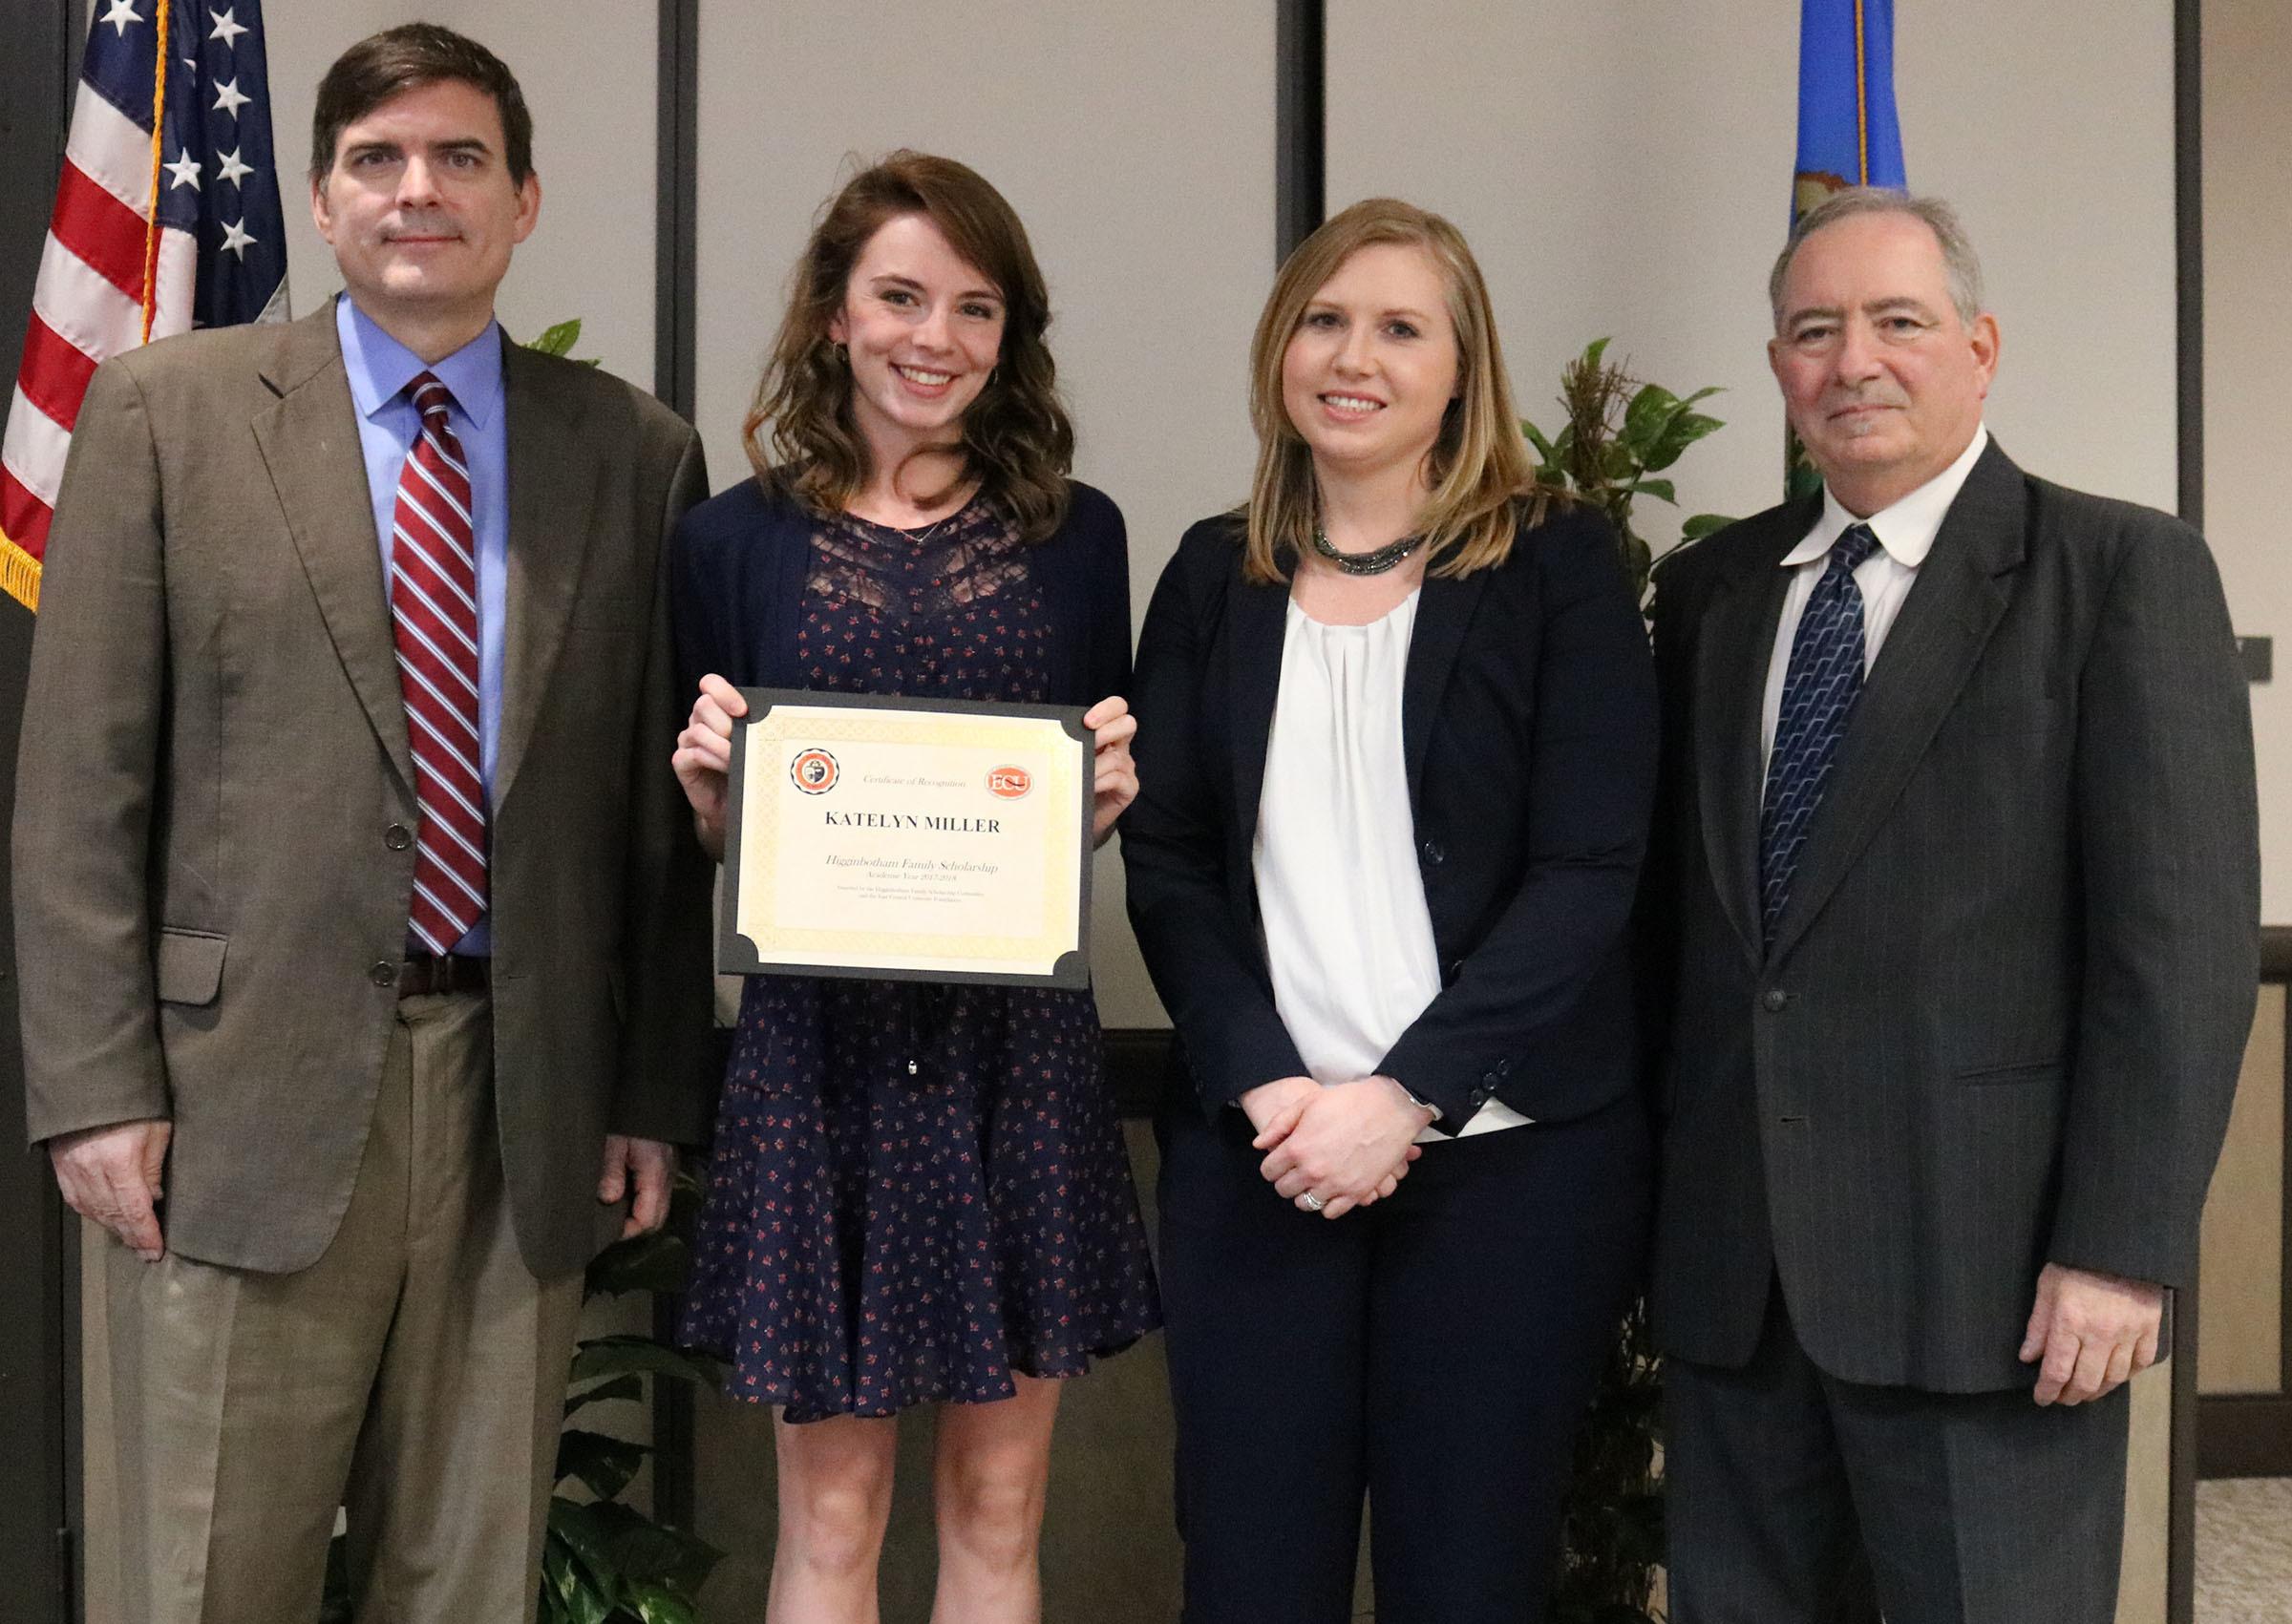 Katelyn miller   higginbotham criminal justice scholarship